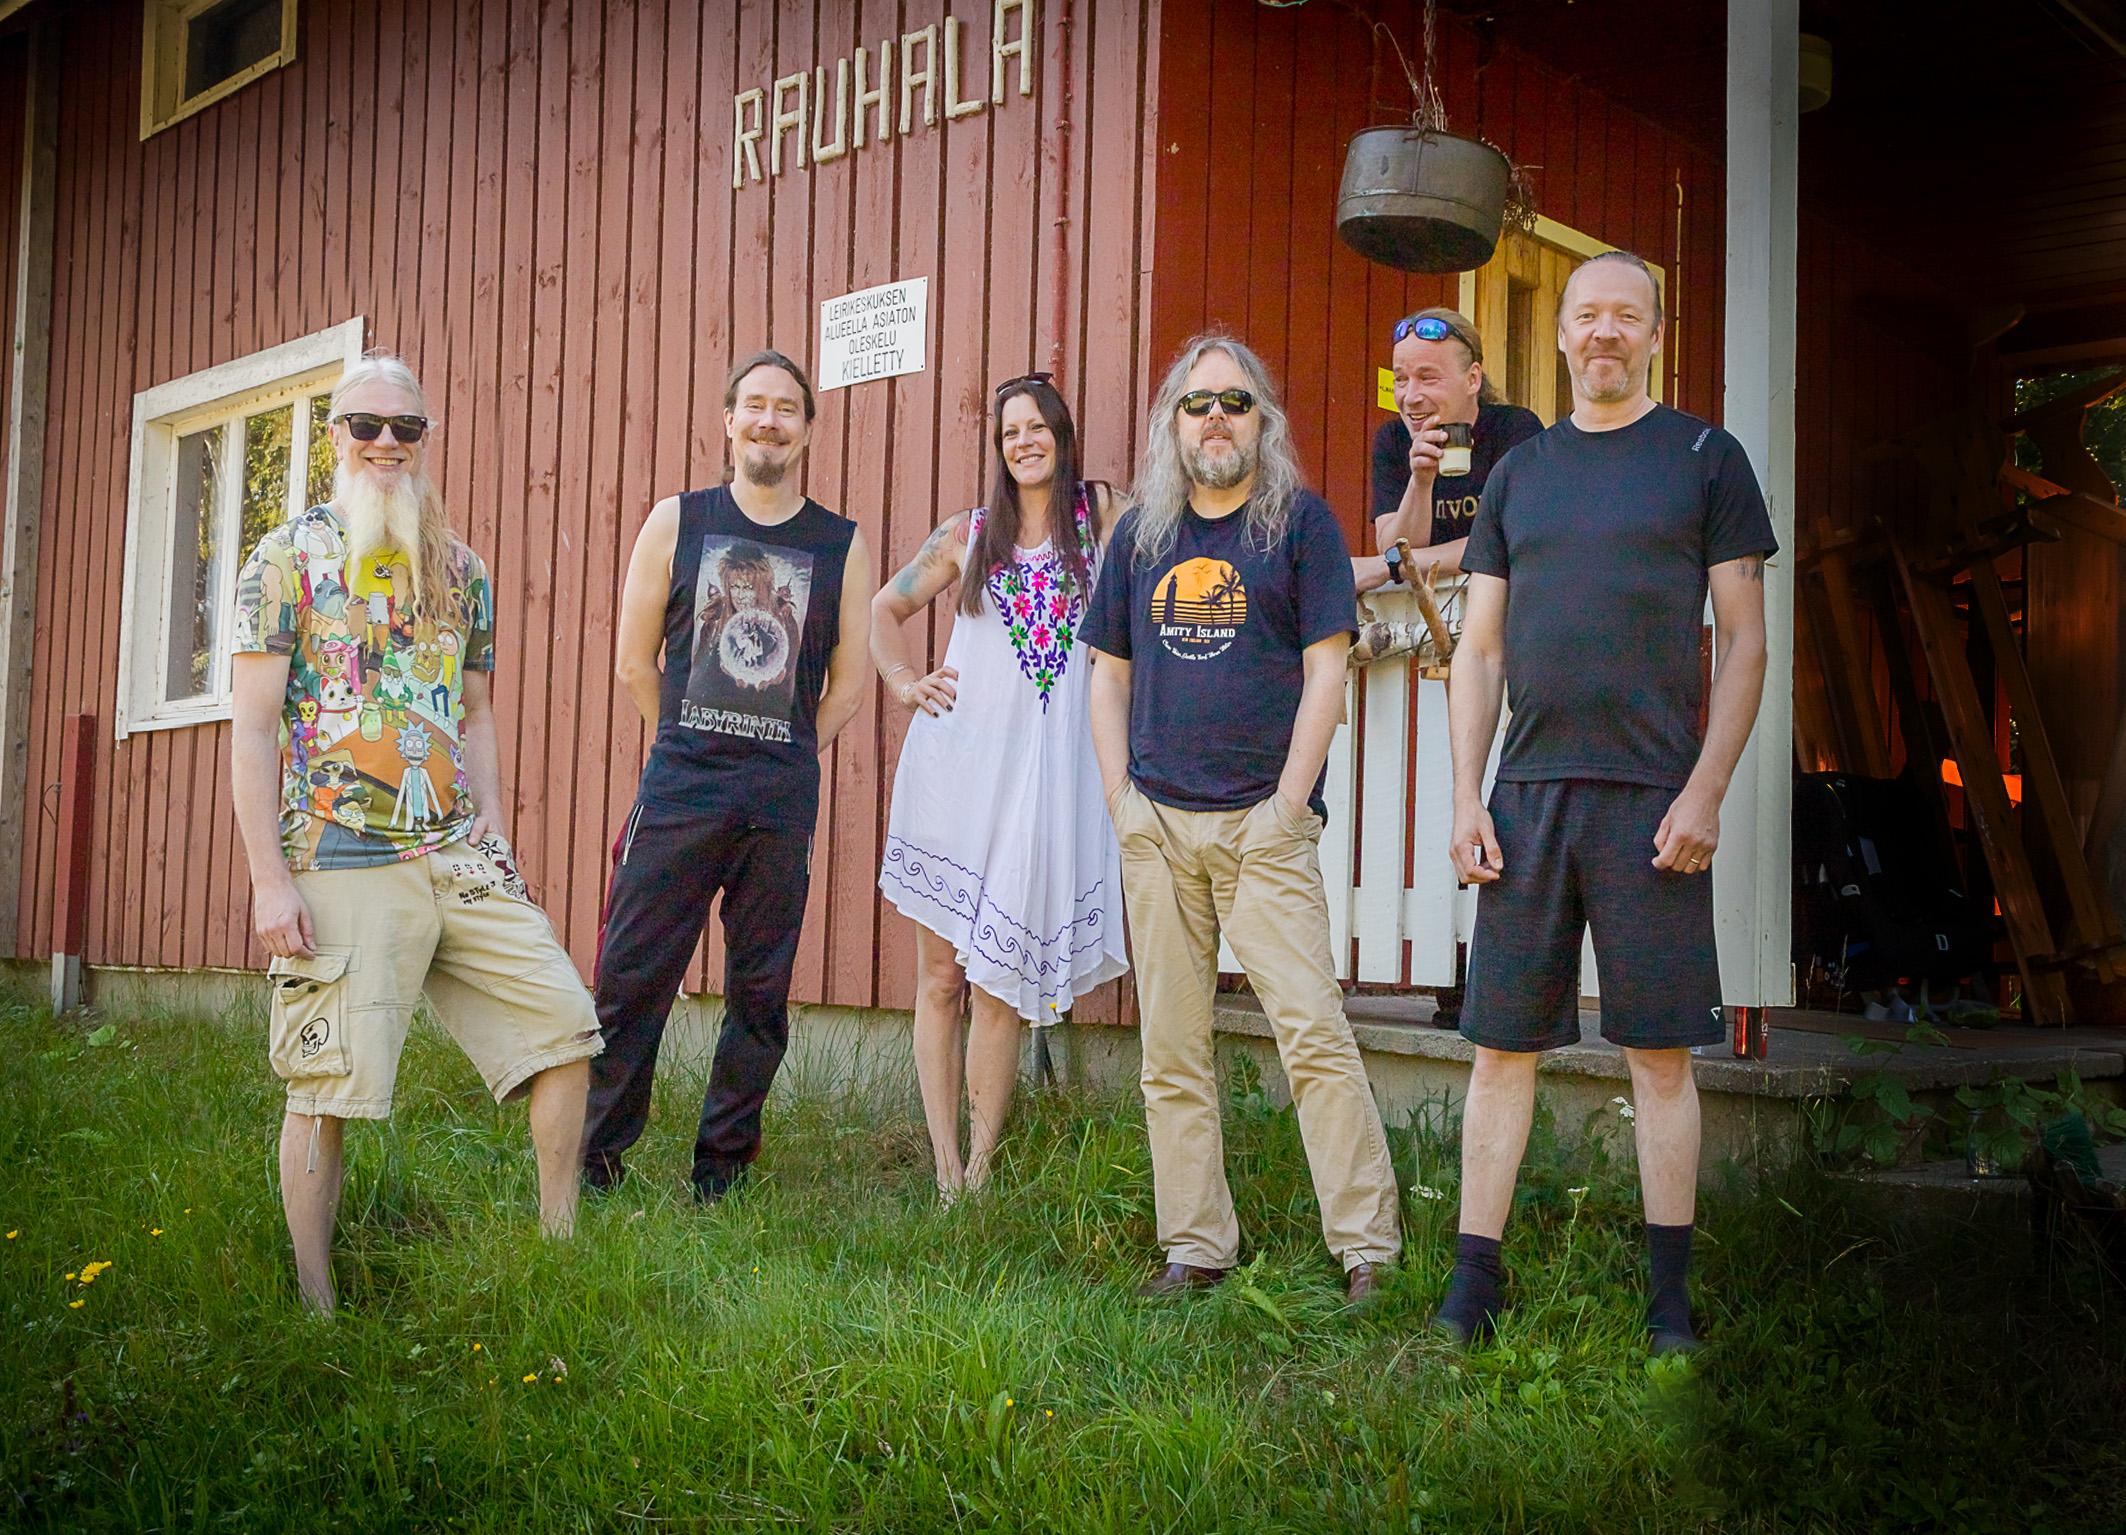 Nightwish Album Recording Has Begun!